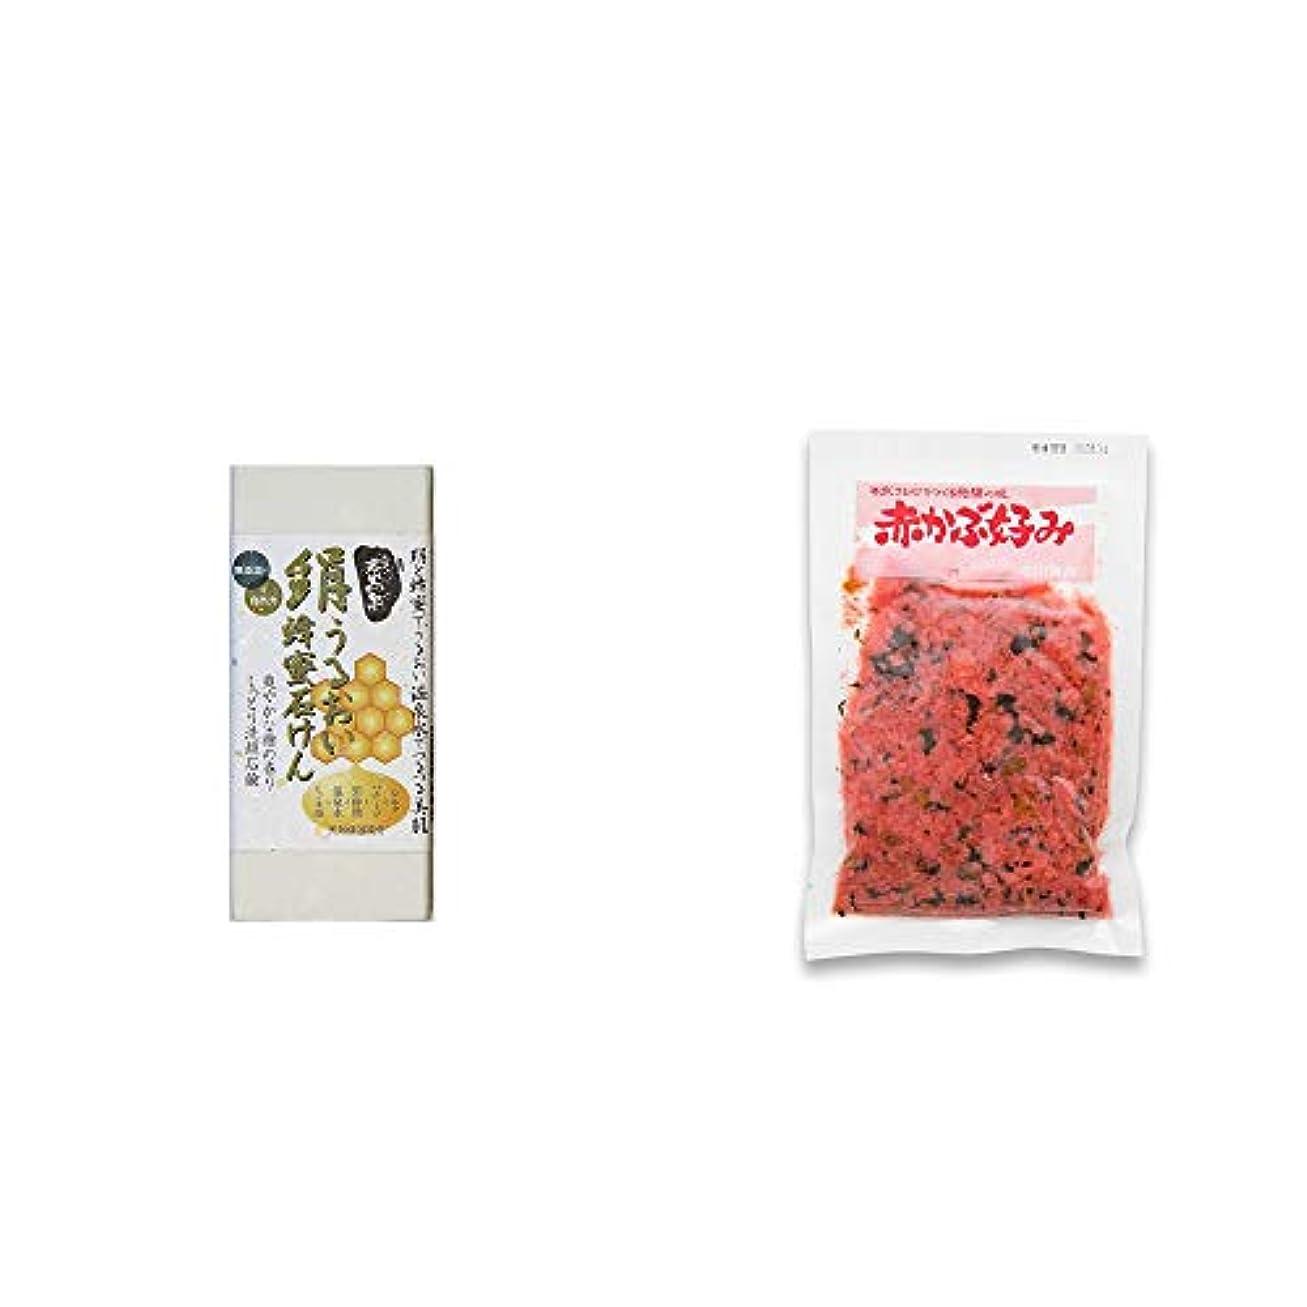 分数飢饉忘れっぽい[2点セット] ひのき炭黒泉 絹うるおい蜂蜜石けん(75g×2)?赤かぶ好み(150g)